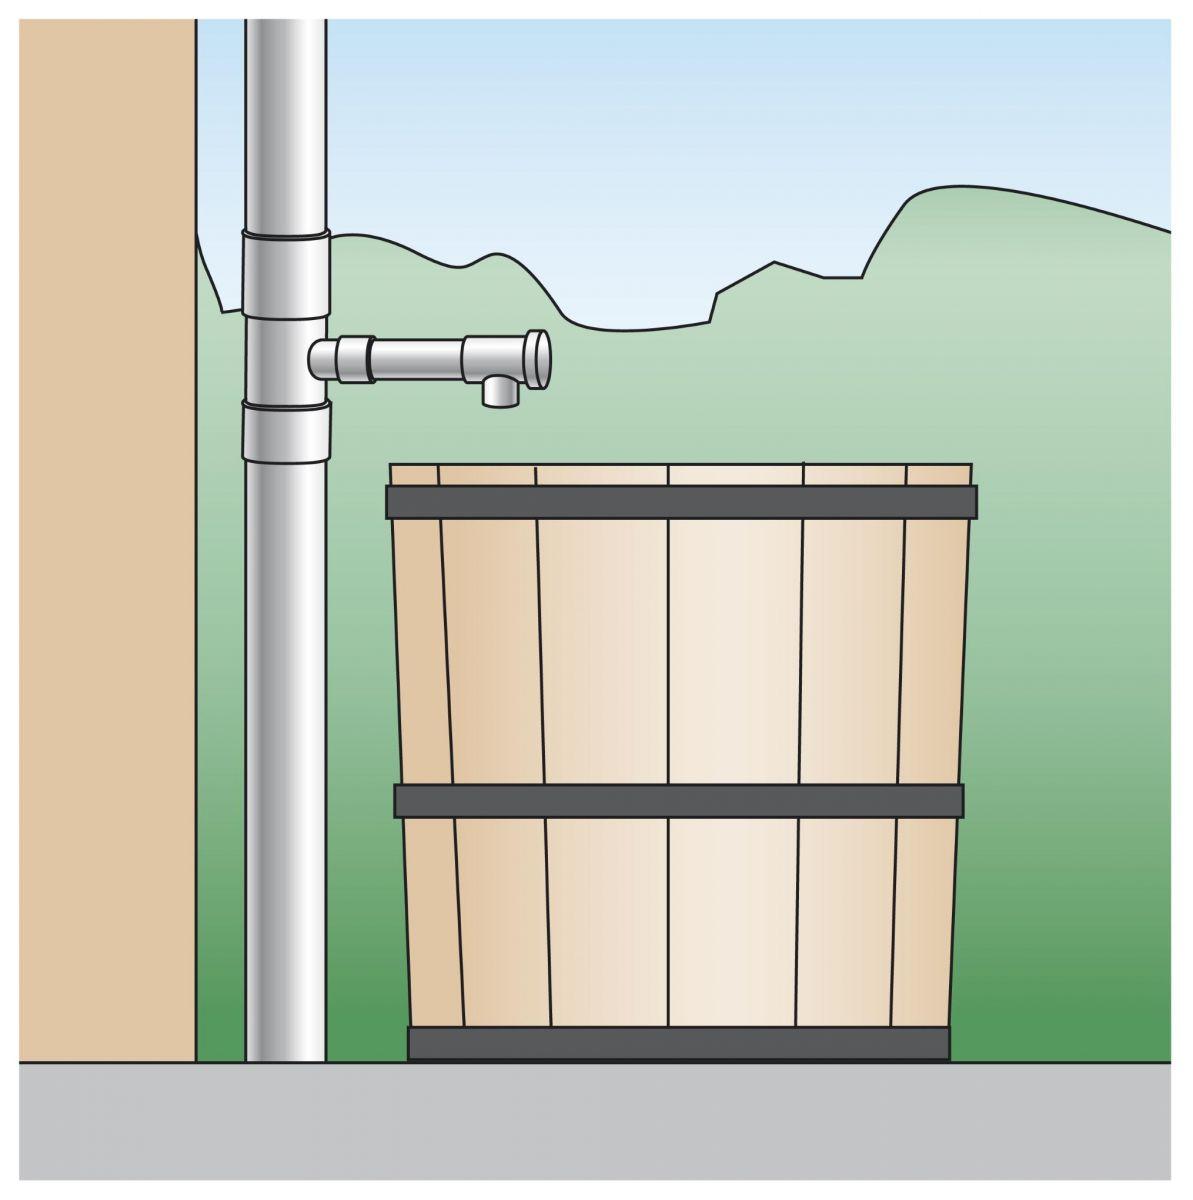 RECUPERATORE D'ACQUA PIOVANA: si collega su tutta la parte in pendenza della grondaia, fornito con rubinetto d'arresto.